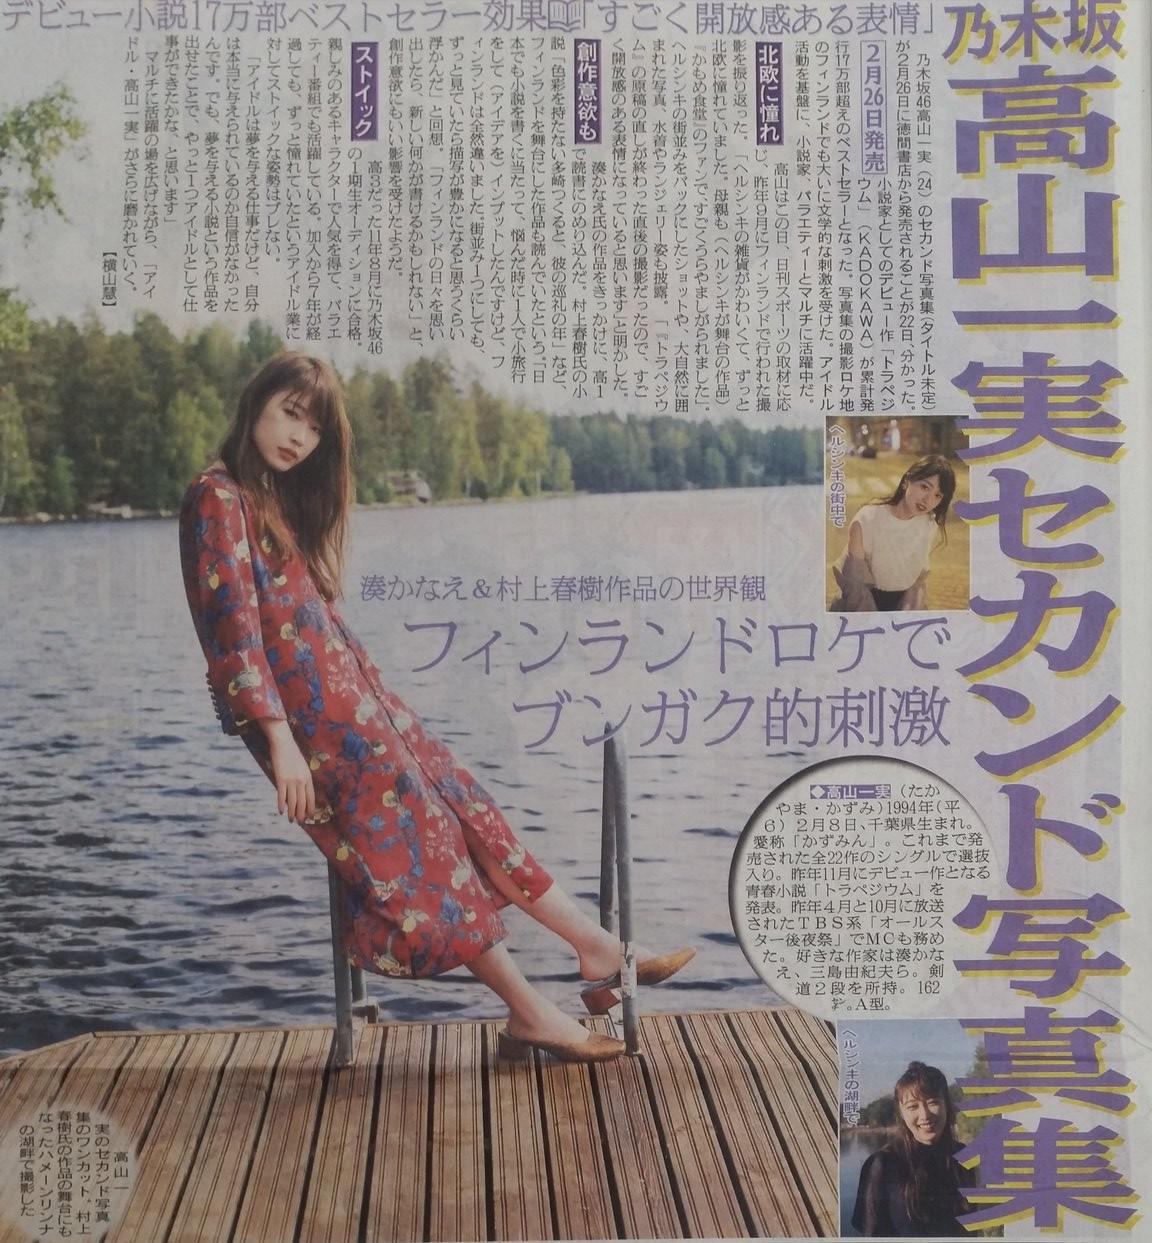 乃木坂46高山一実セカンド写真集が2月26日に徳間書店から発売決定!フィンランドロケでブンガク的刺激